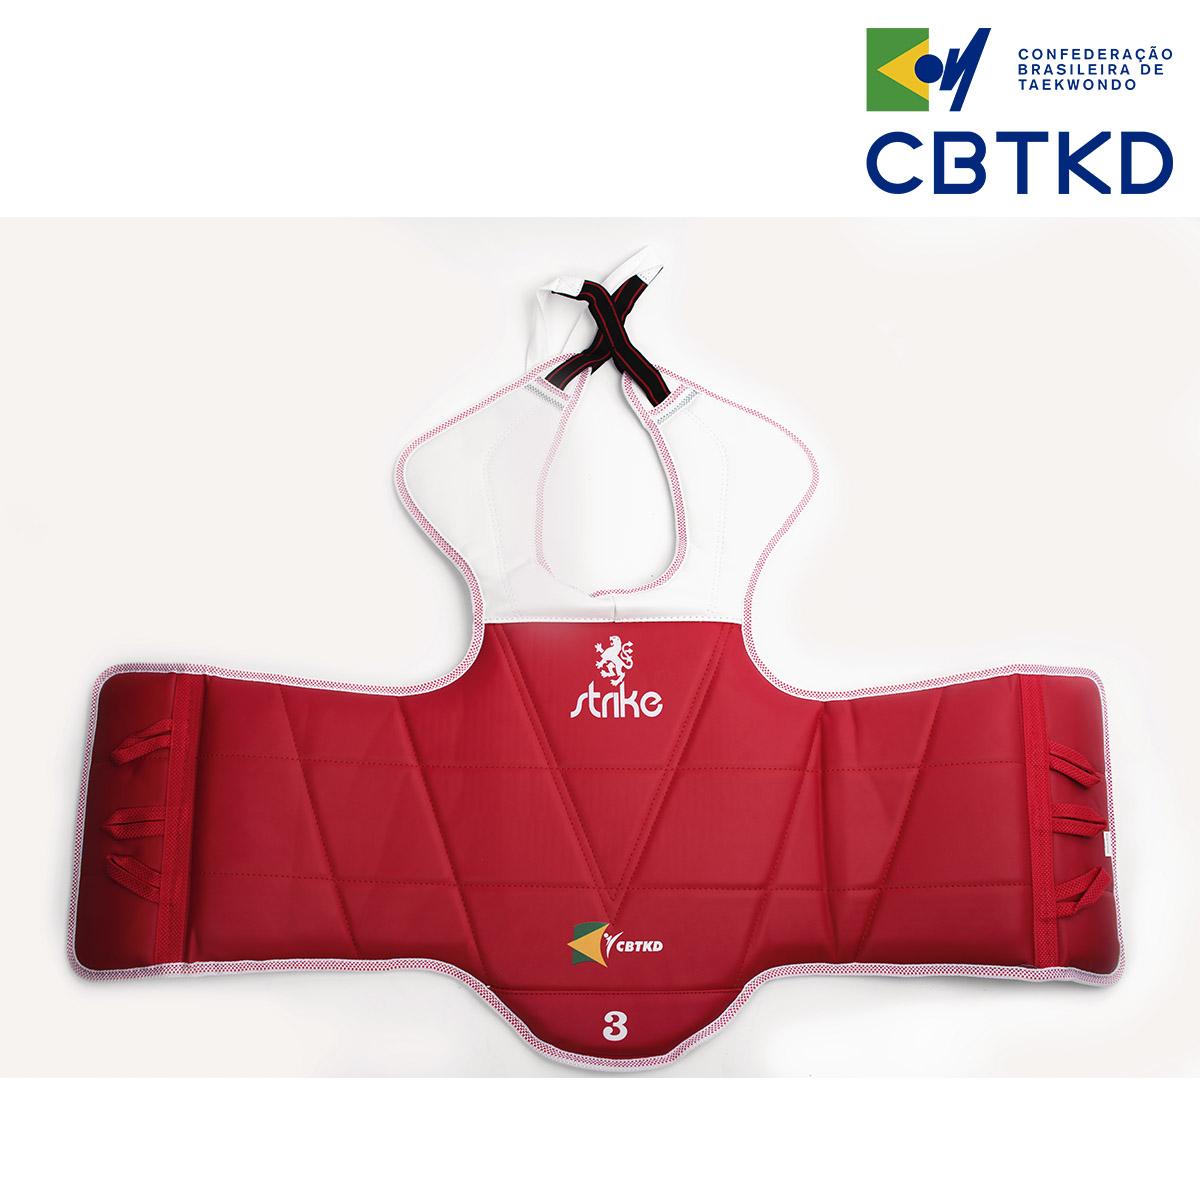 Protetor de torax reversível Strike Taekwondo Oficial CBTKD